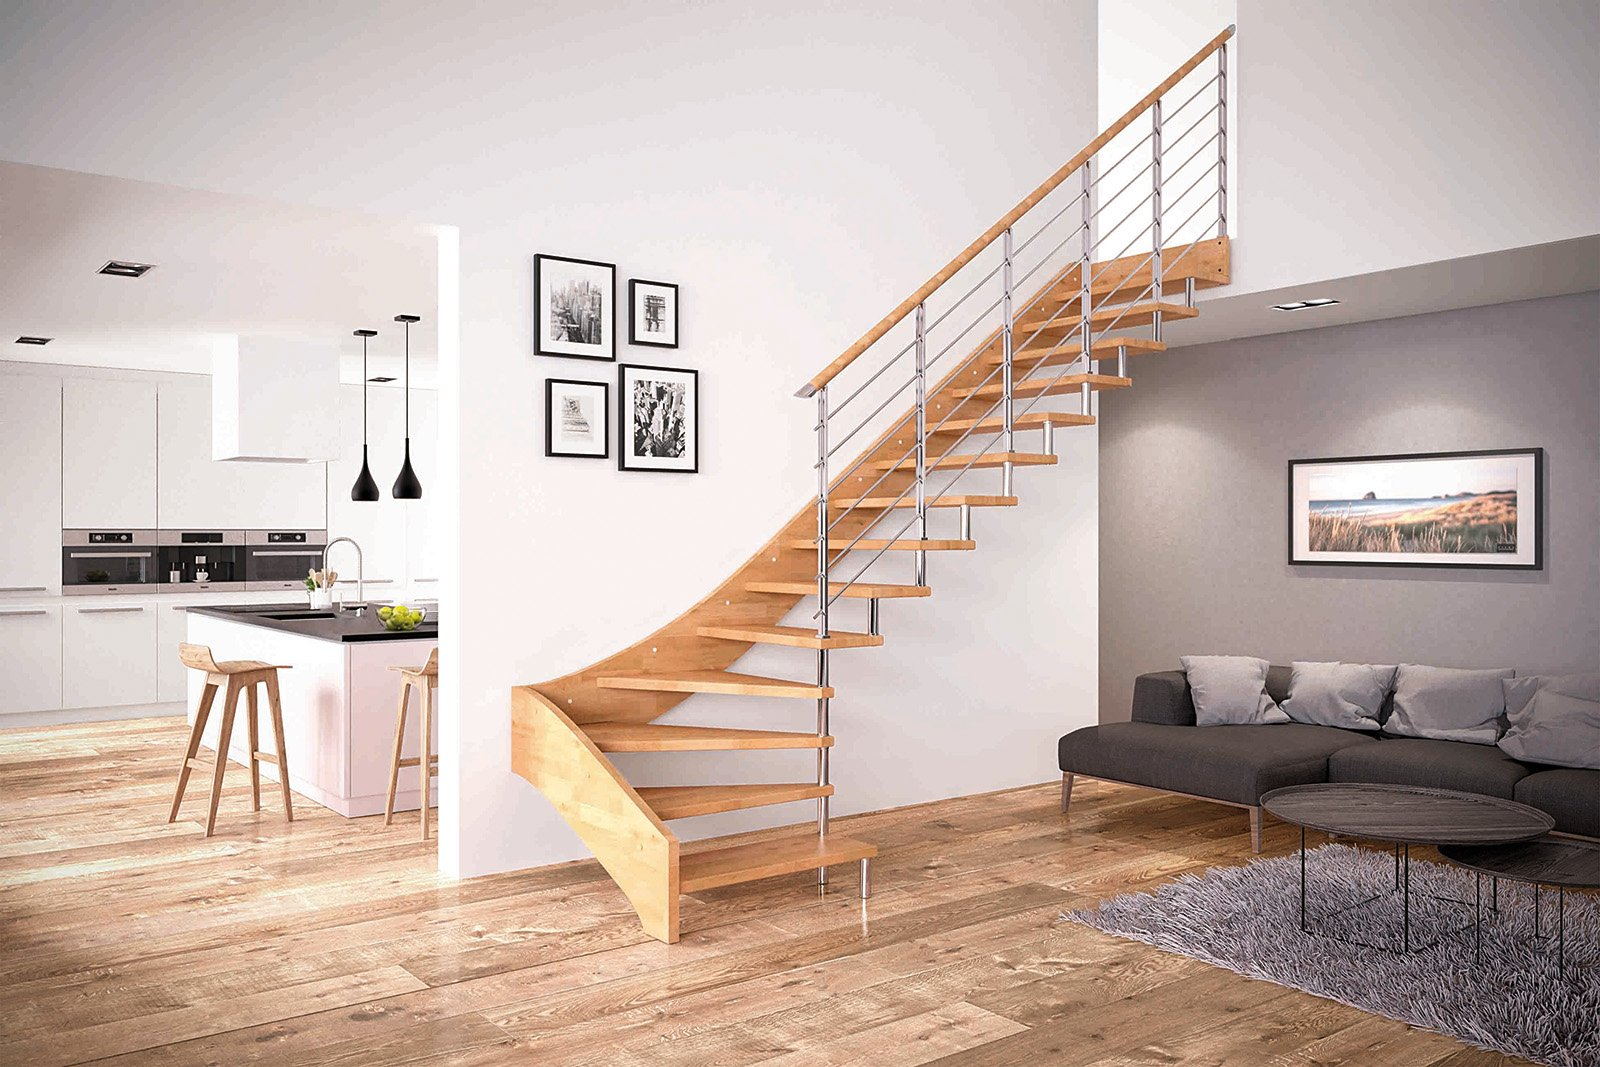 Scegliere la scala per collegare il sottotetto cose di casa for Case interne